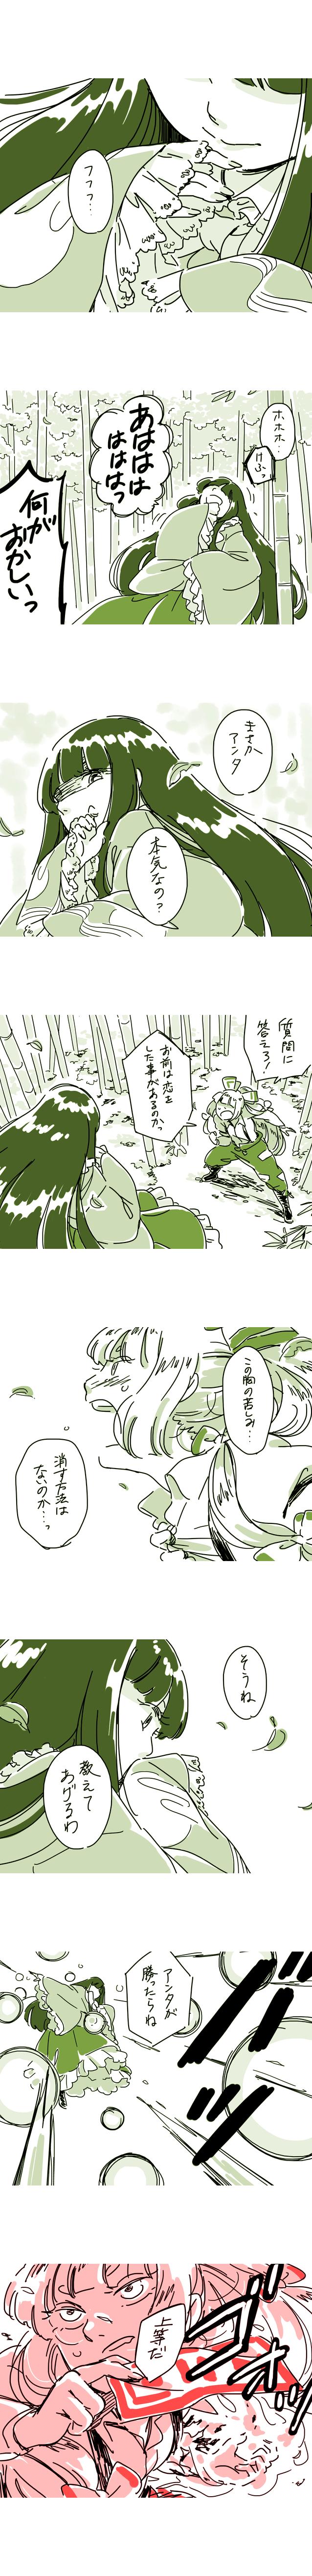 夜雀と不死鳥 その6